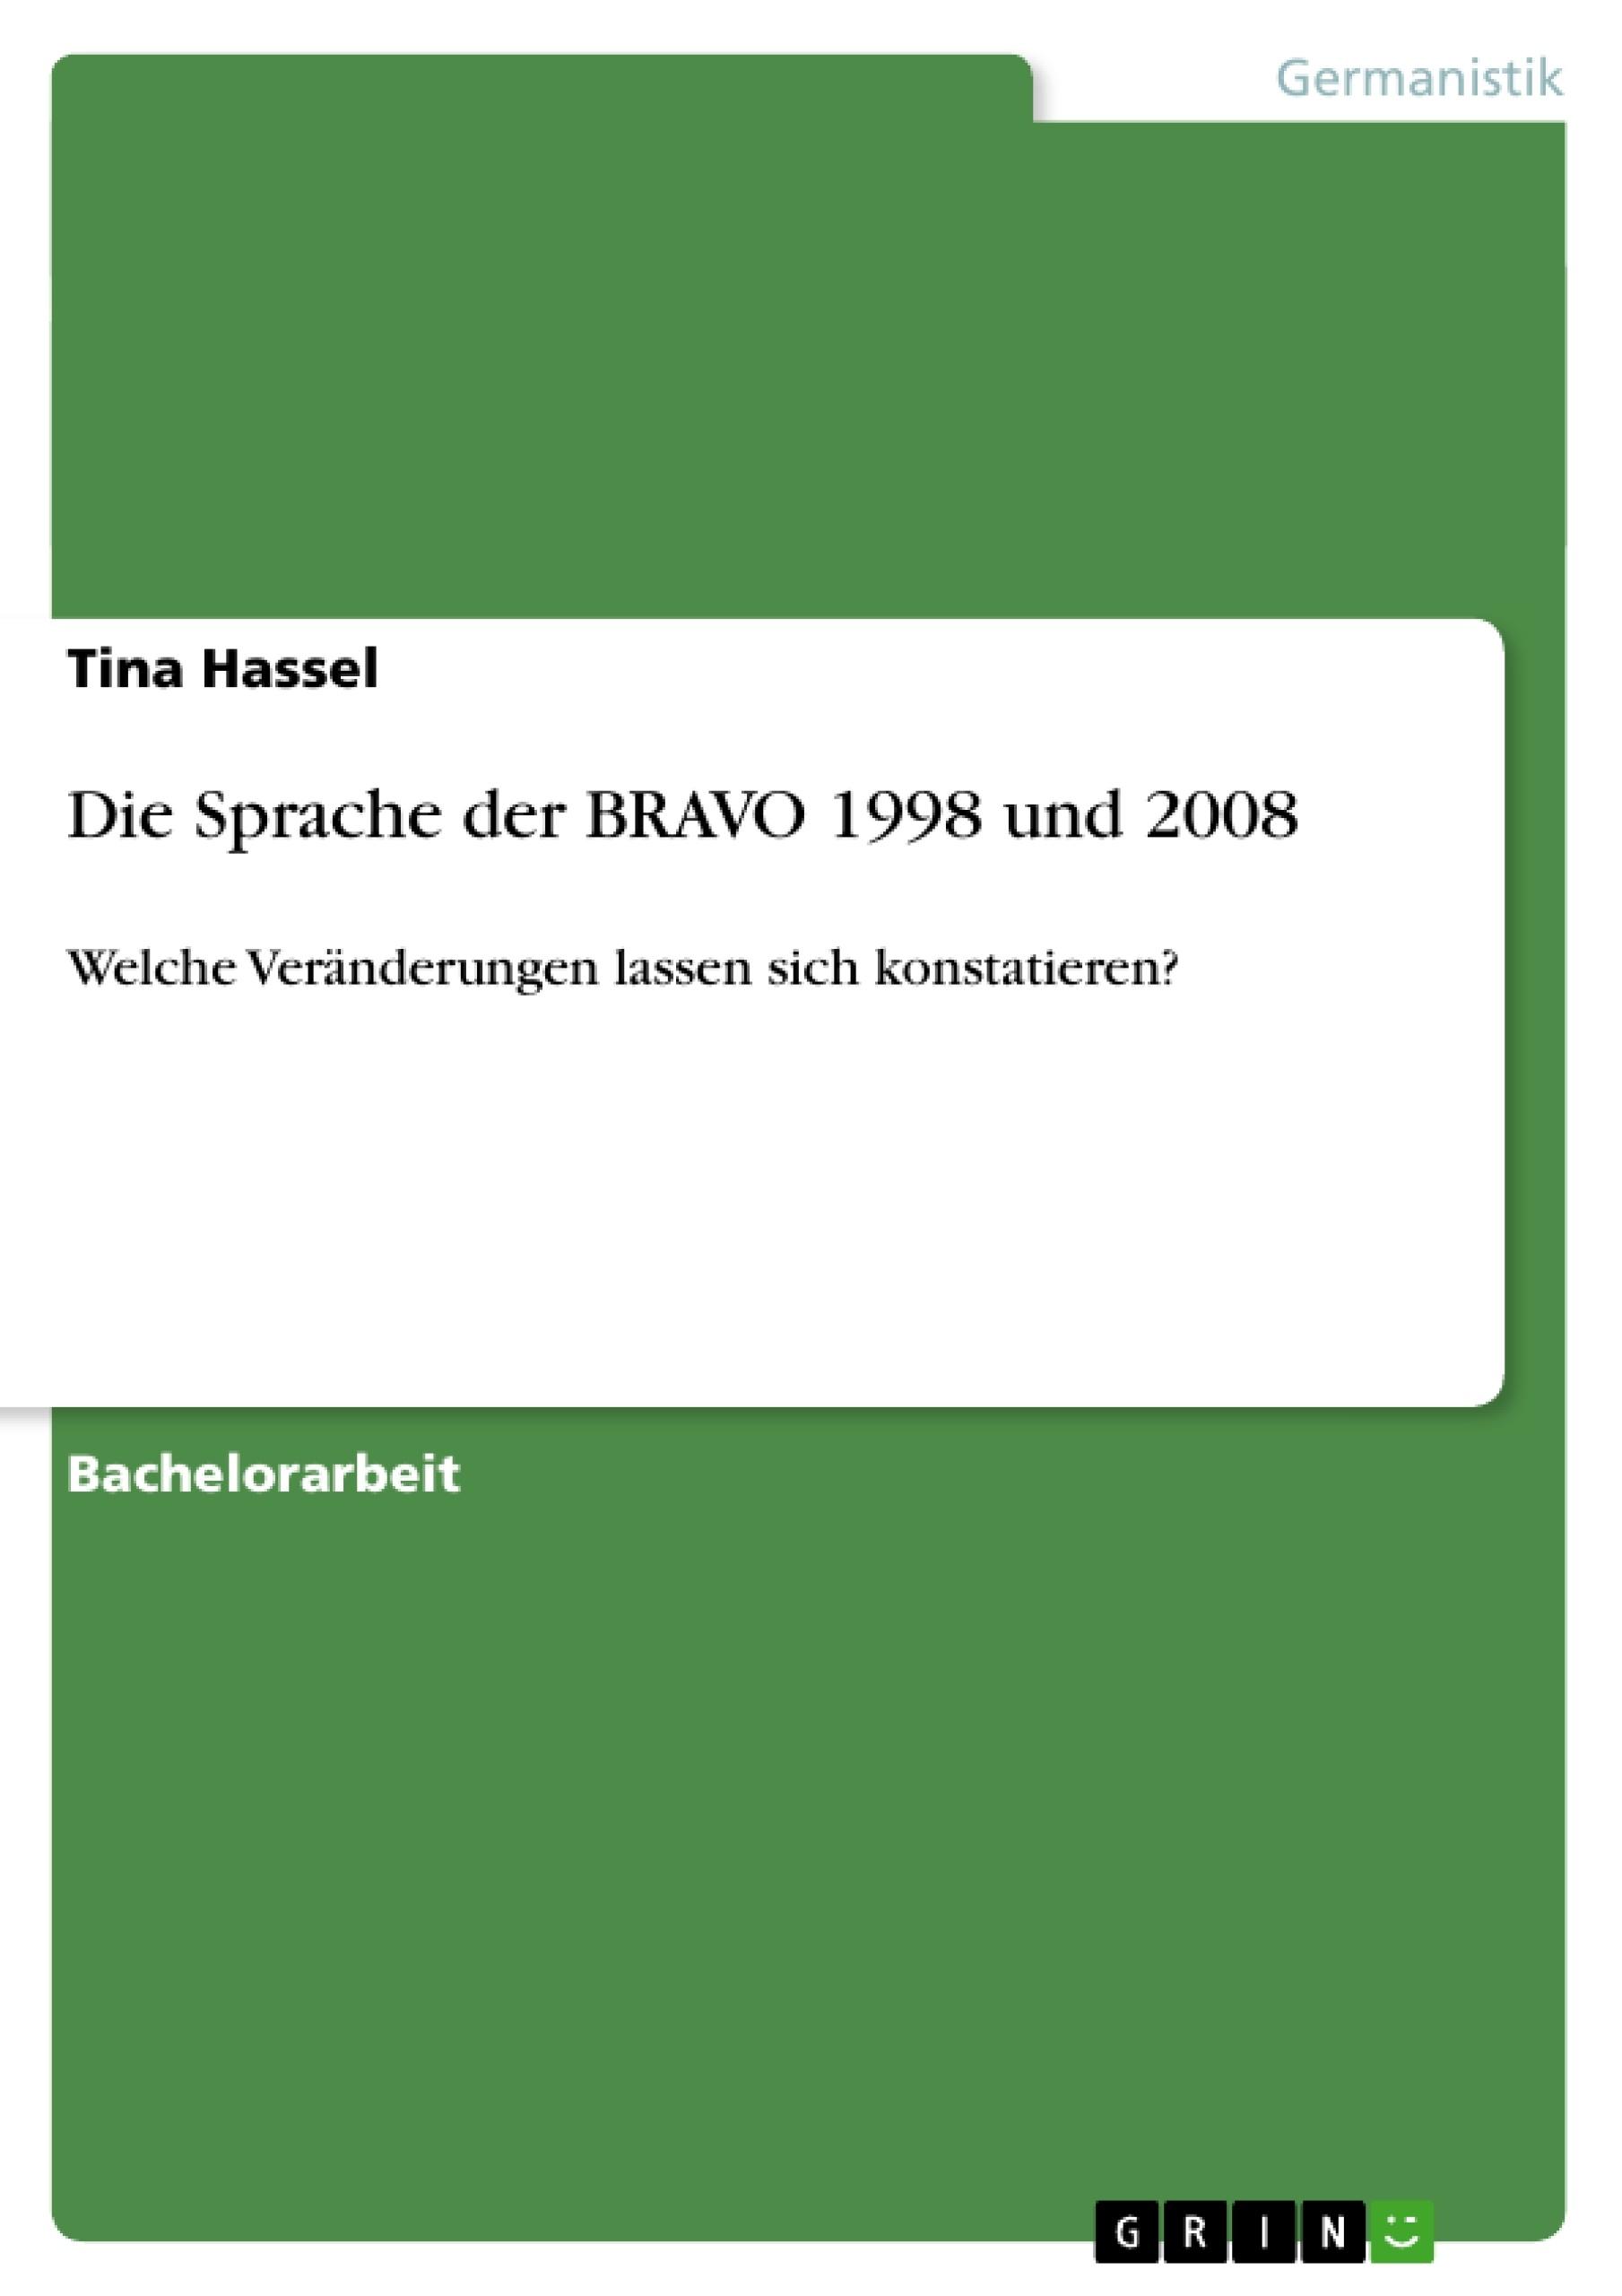 Titel: Die Sprache der BRAVO 1998 und 2008